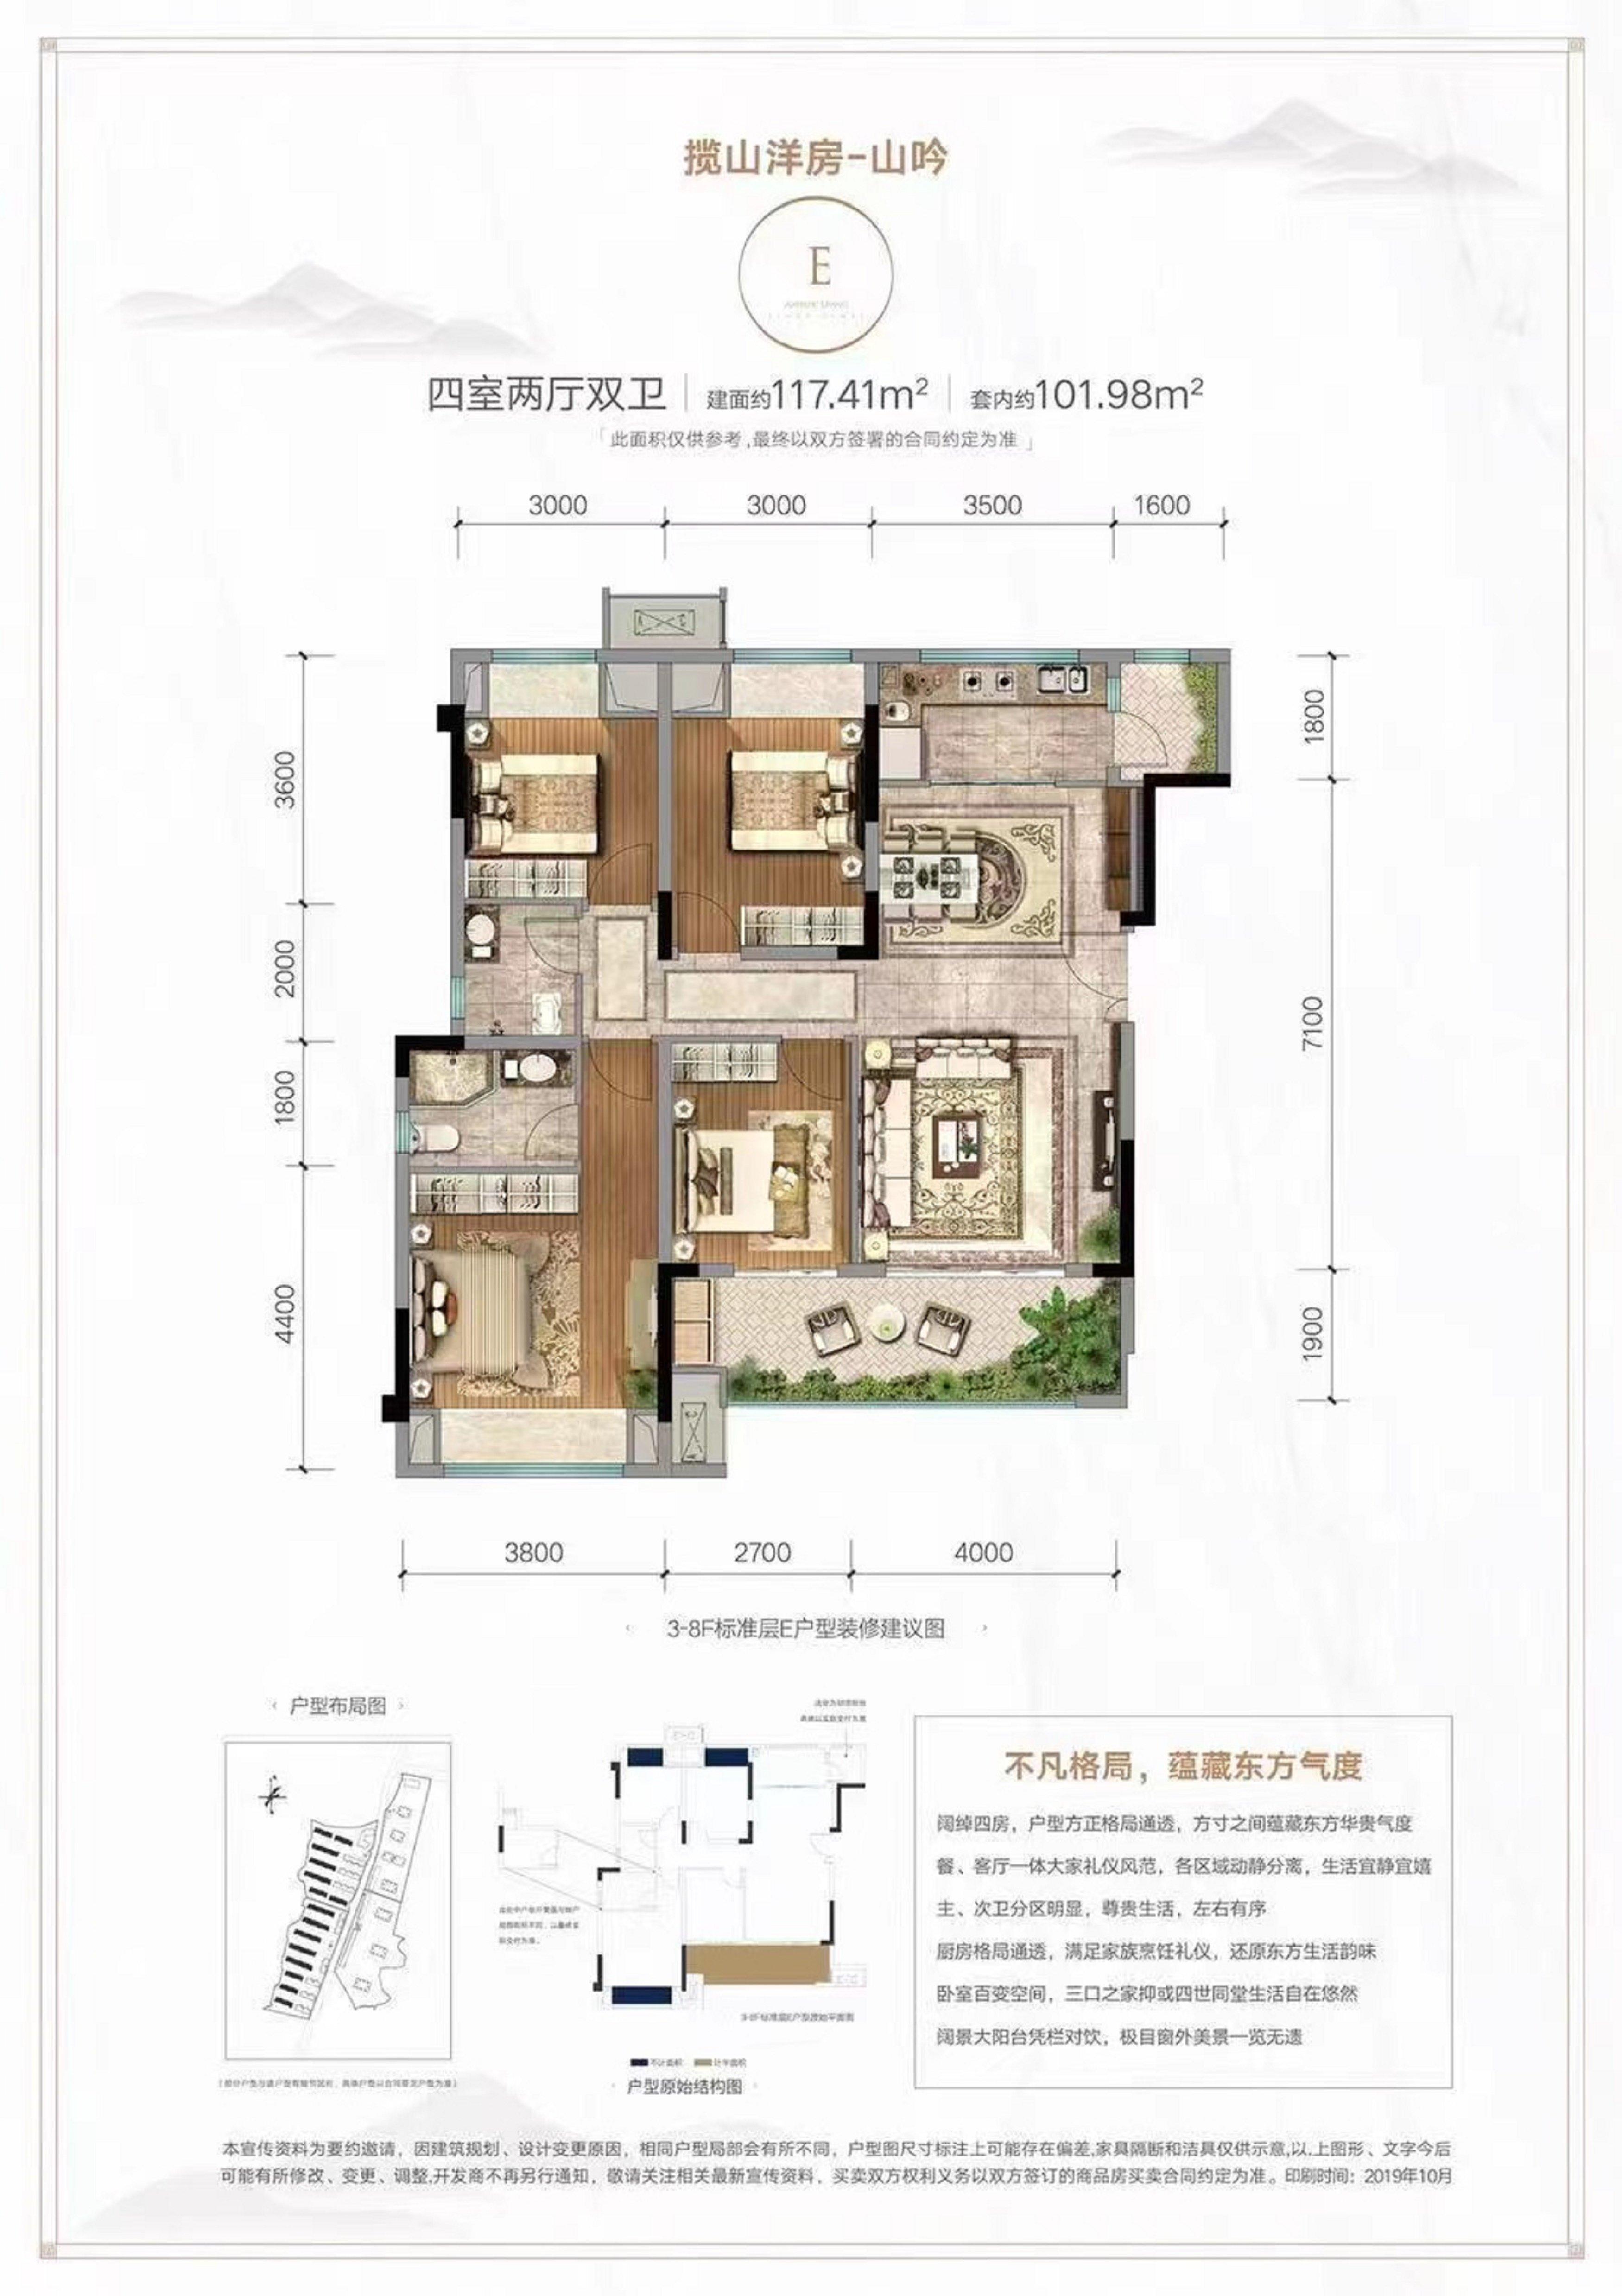 江津区双福片区金科集美东方新房E户型户型图